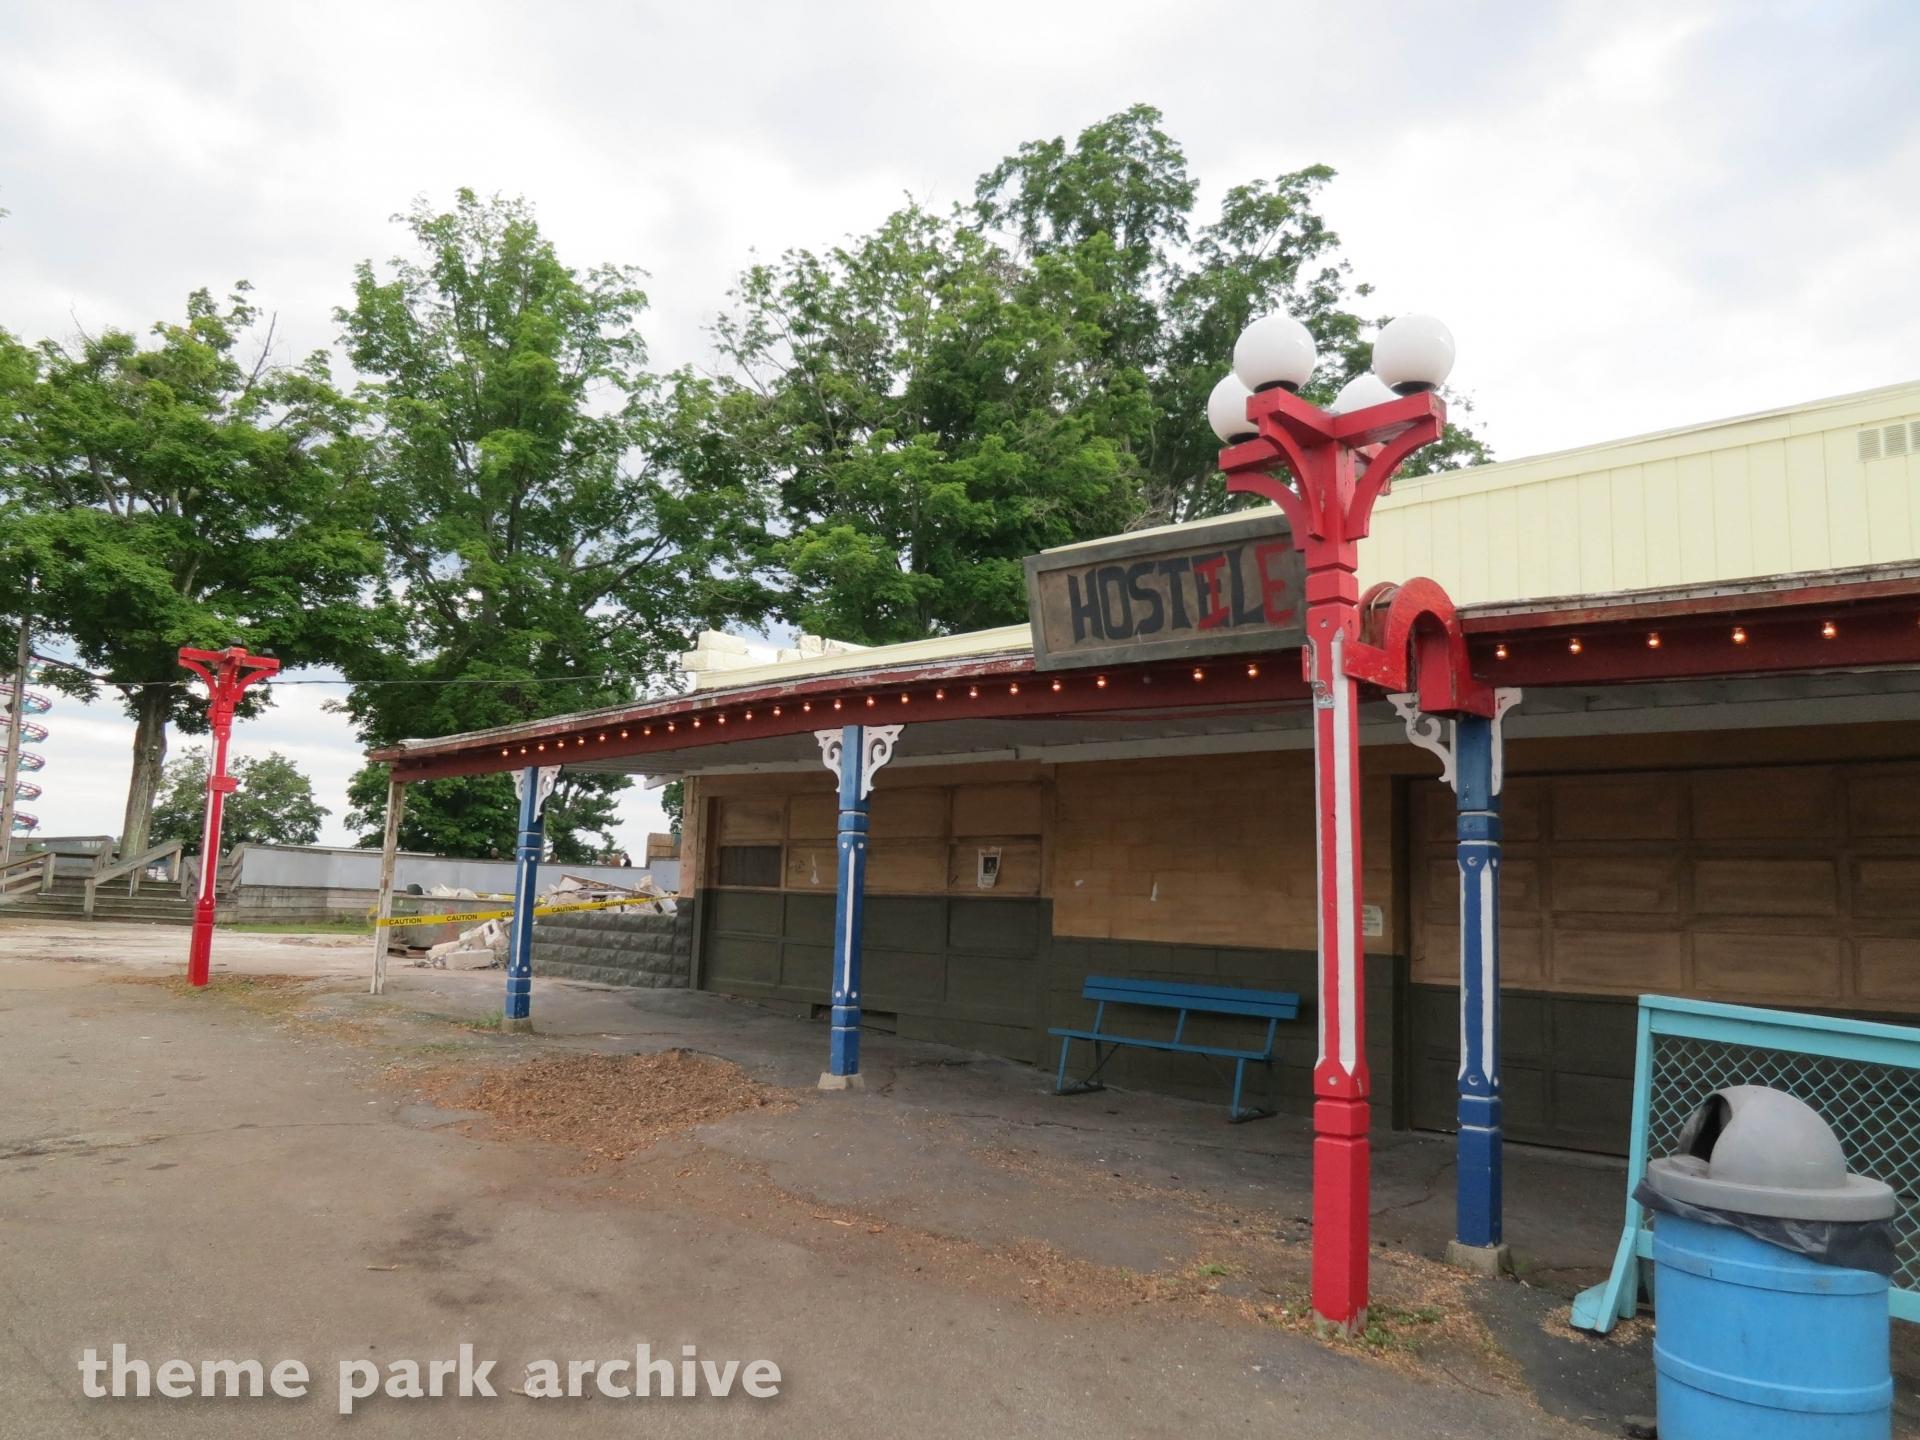 Hostile Hostel at Conneaut Lake Park